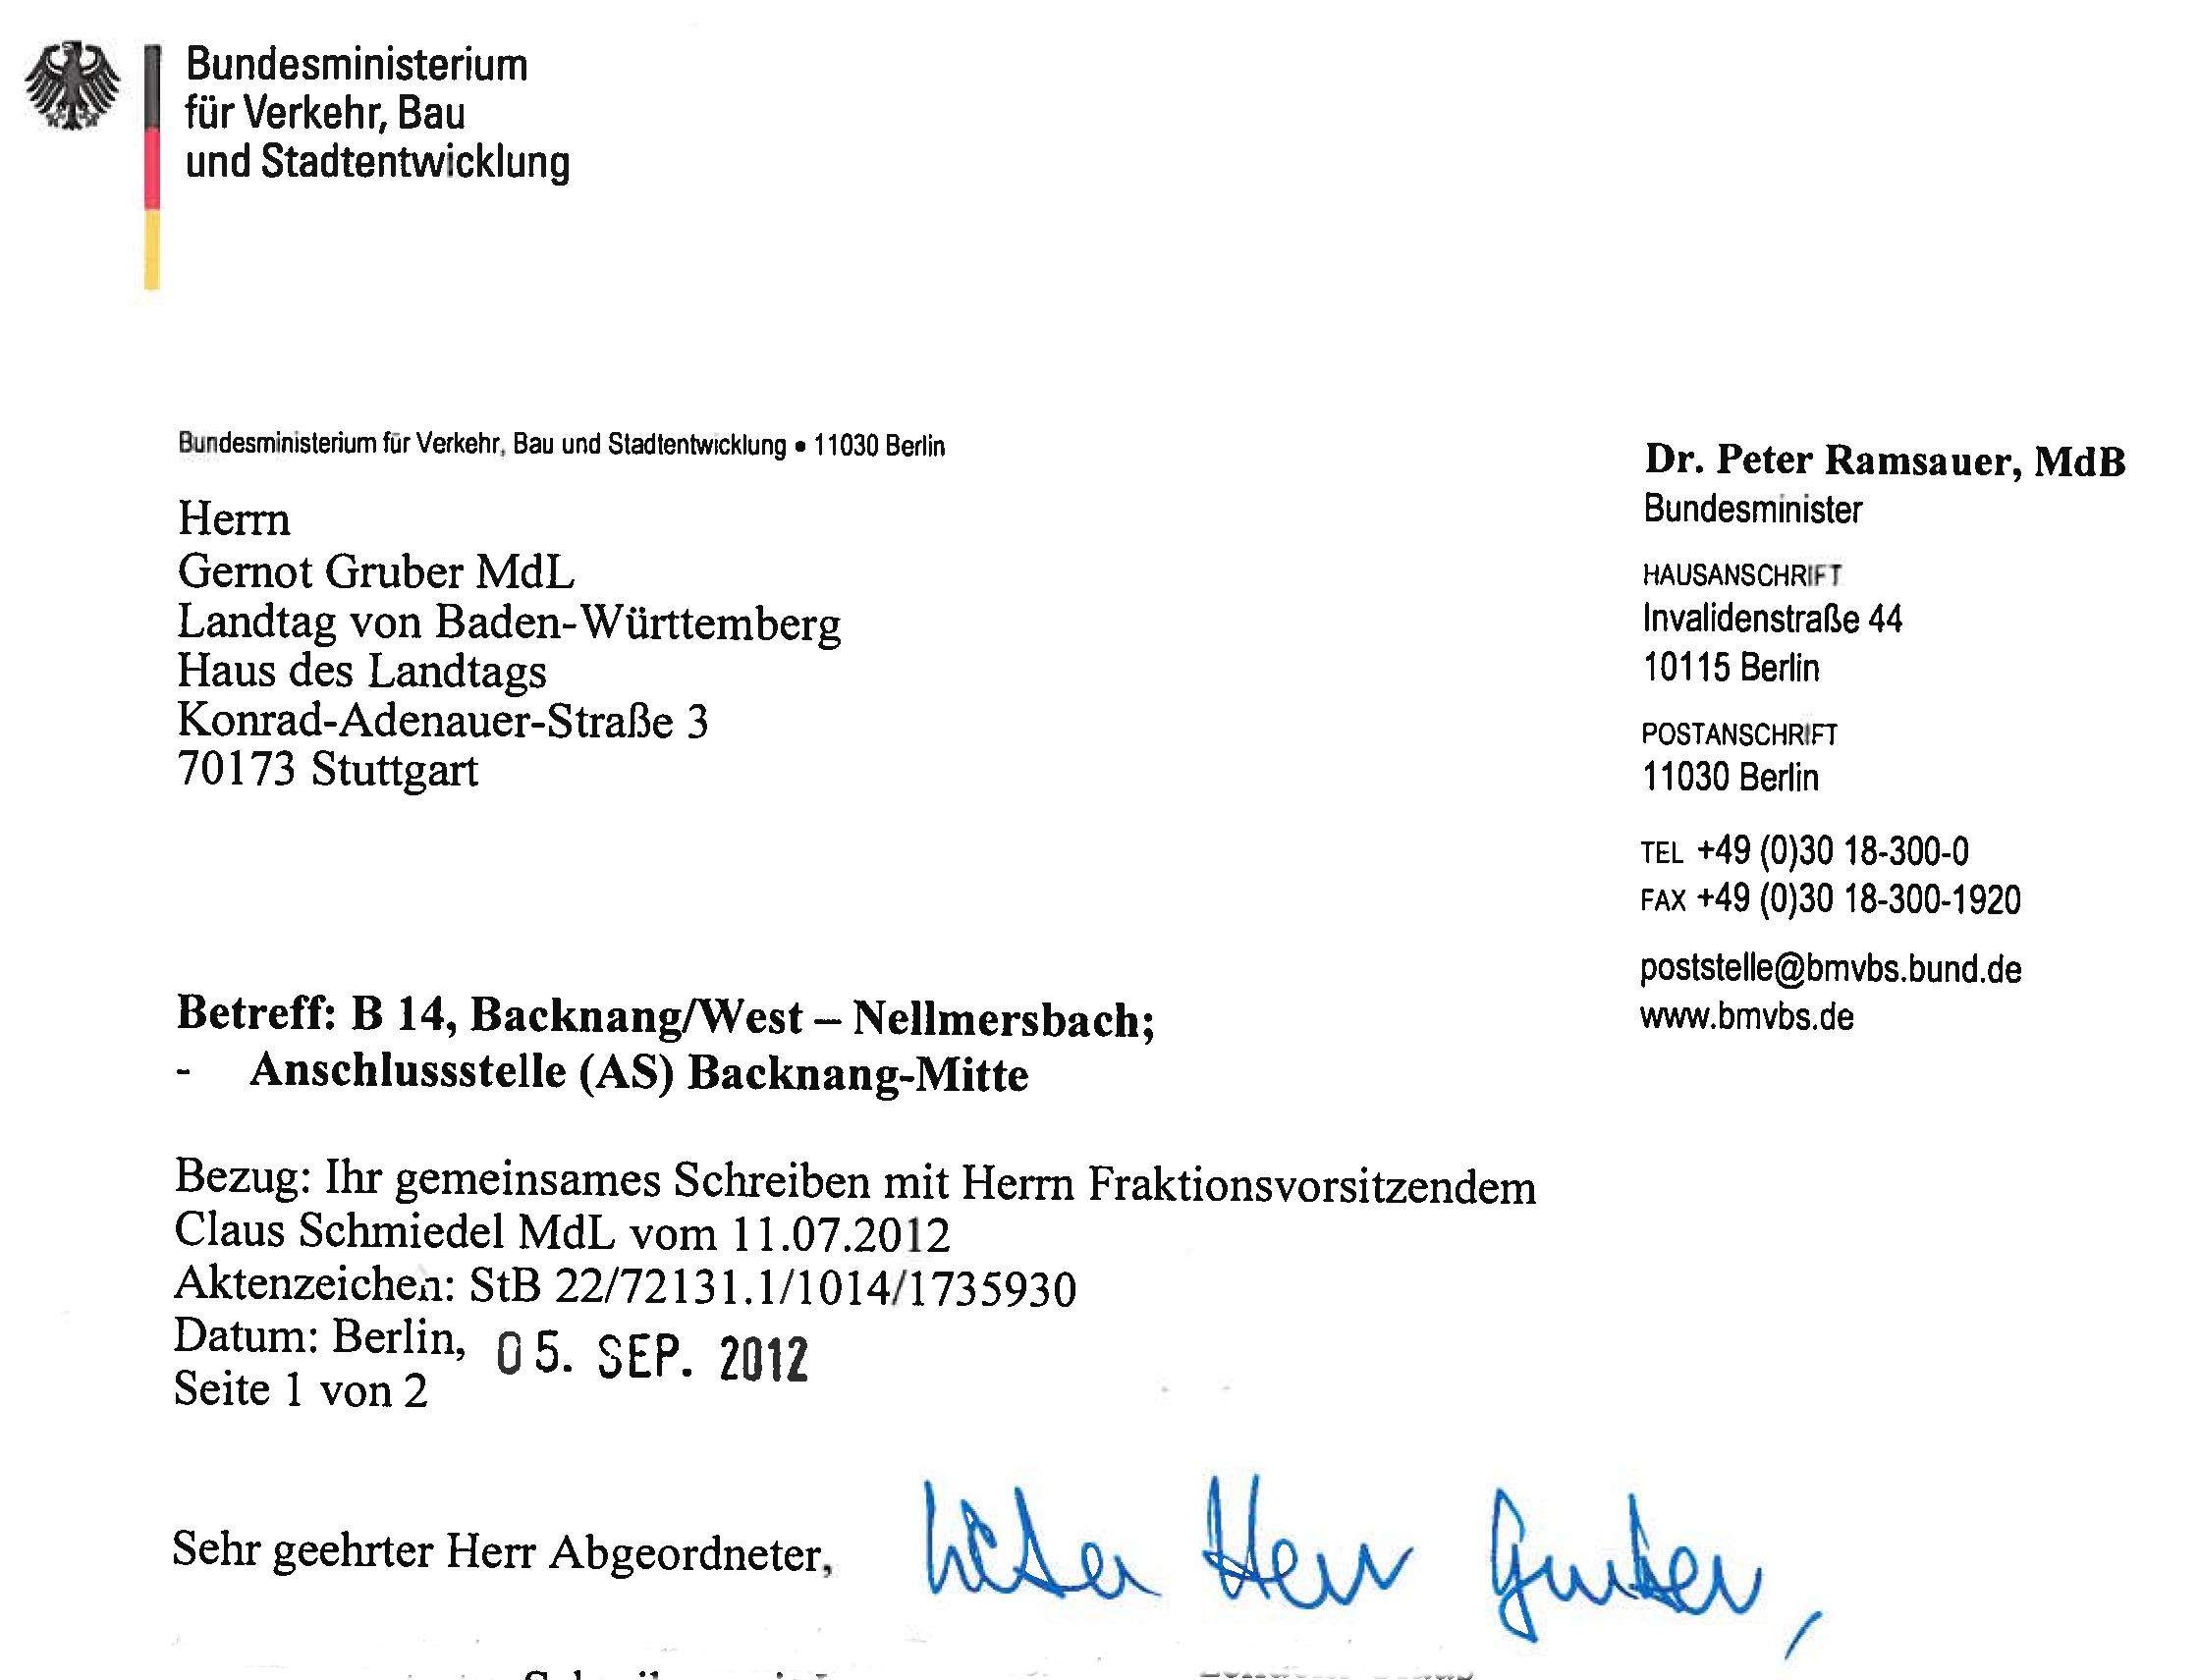 Briefumschlag Beschriften Dr : B anschluss mitte ramsauer antwortet schmiedel und